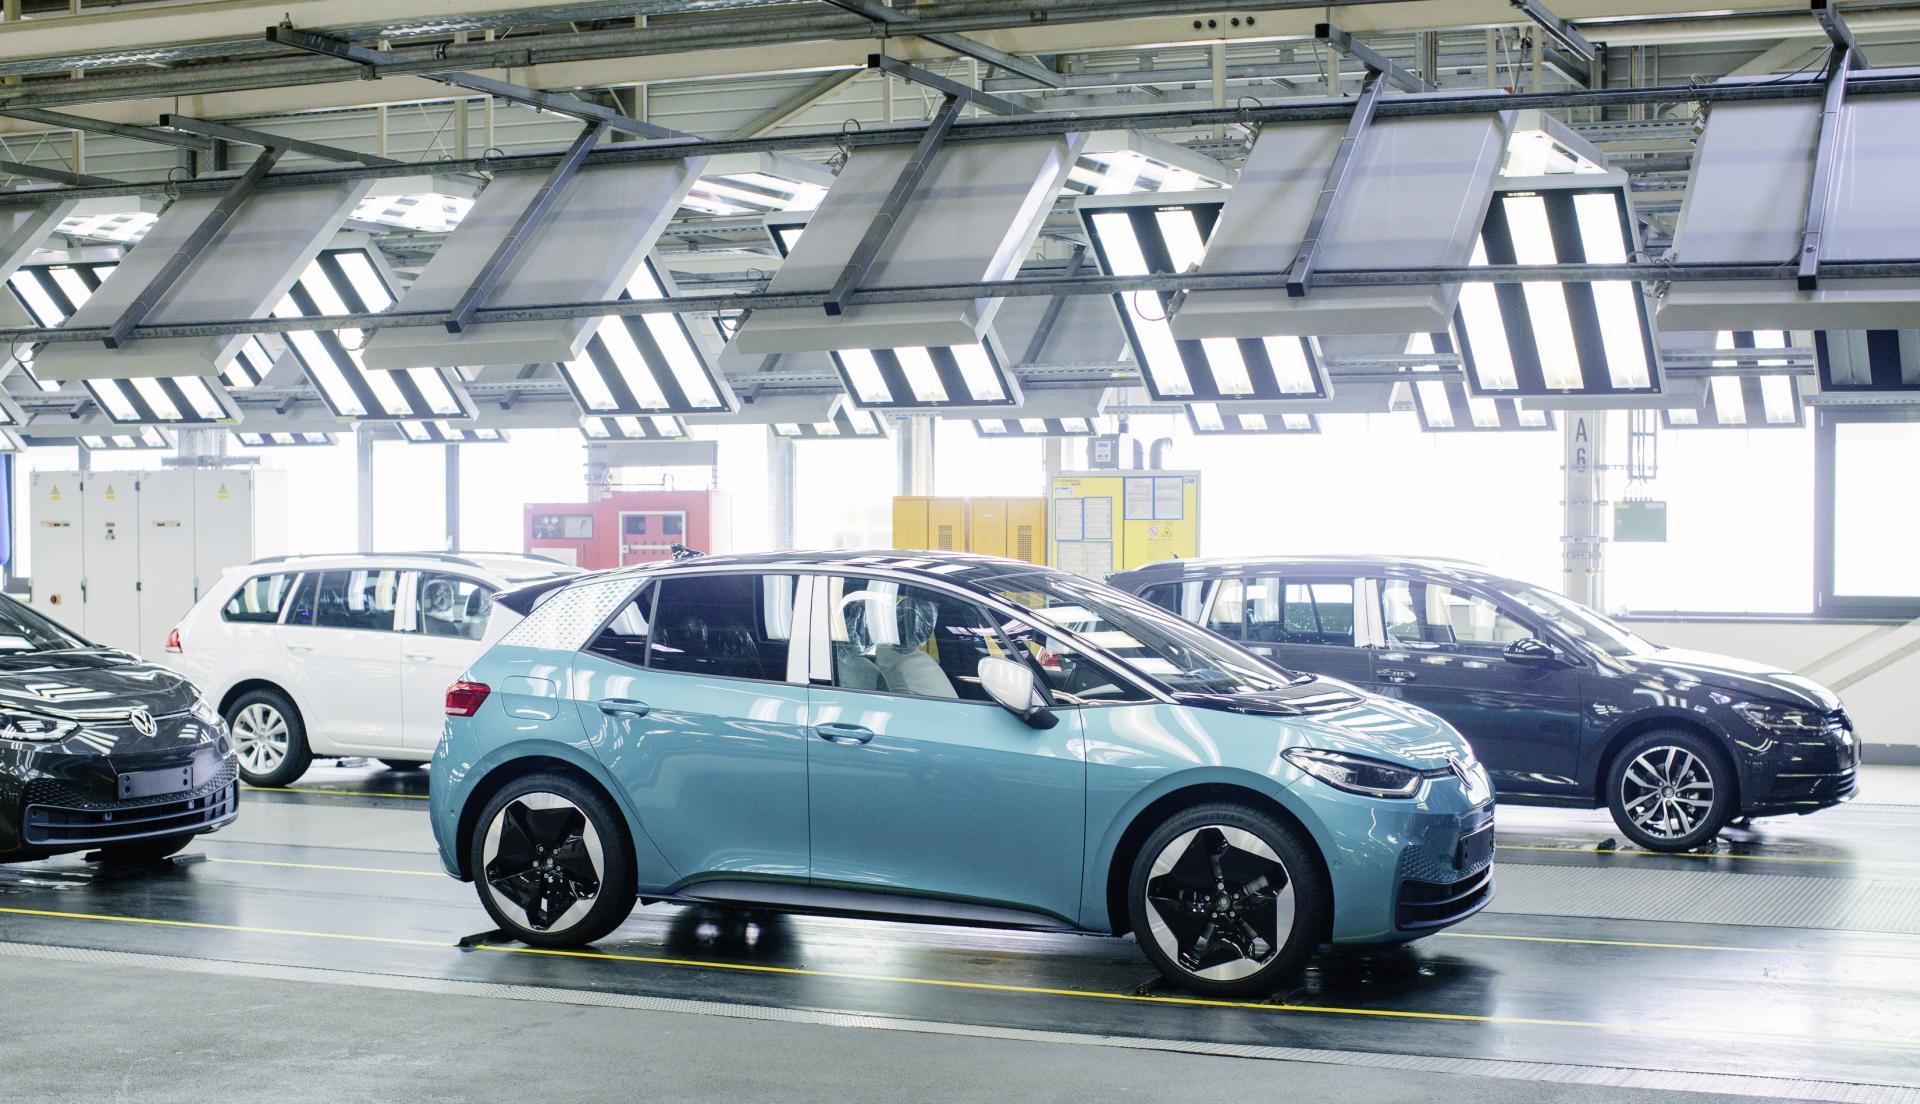 VW Konzern: Über 185.000 E-Auto-Zulassungen in 2020 erwartet